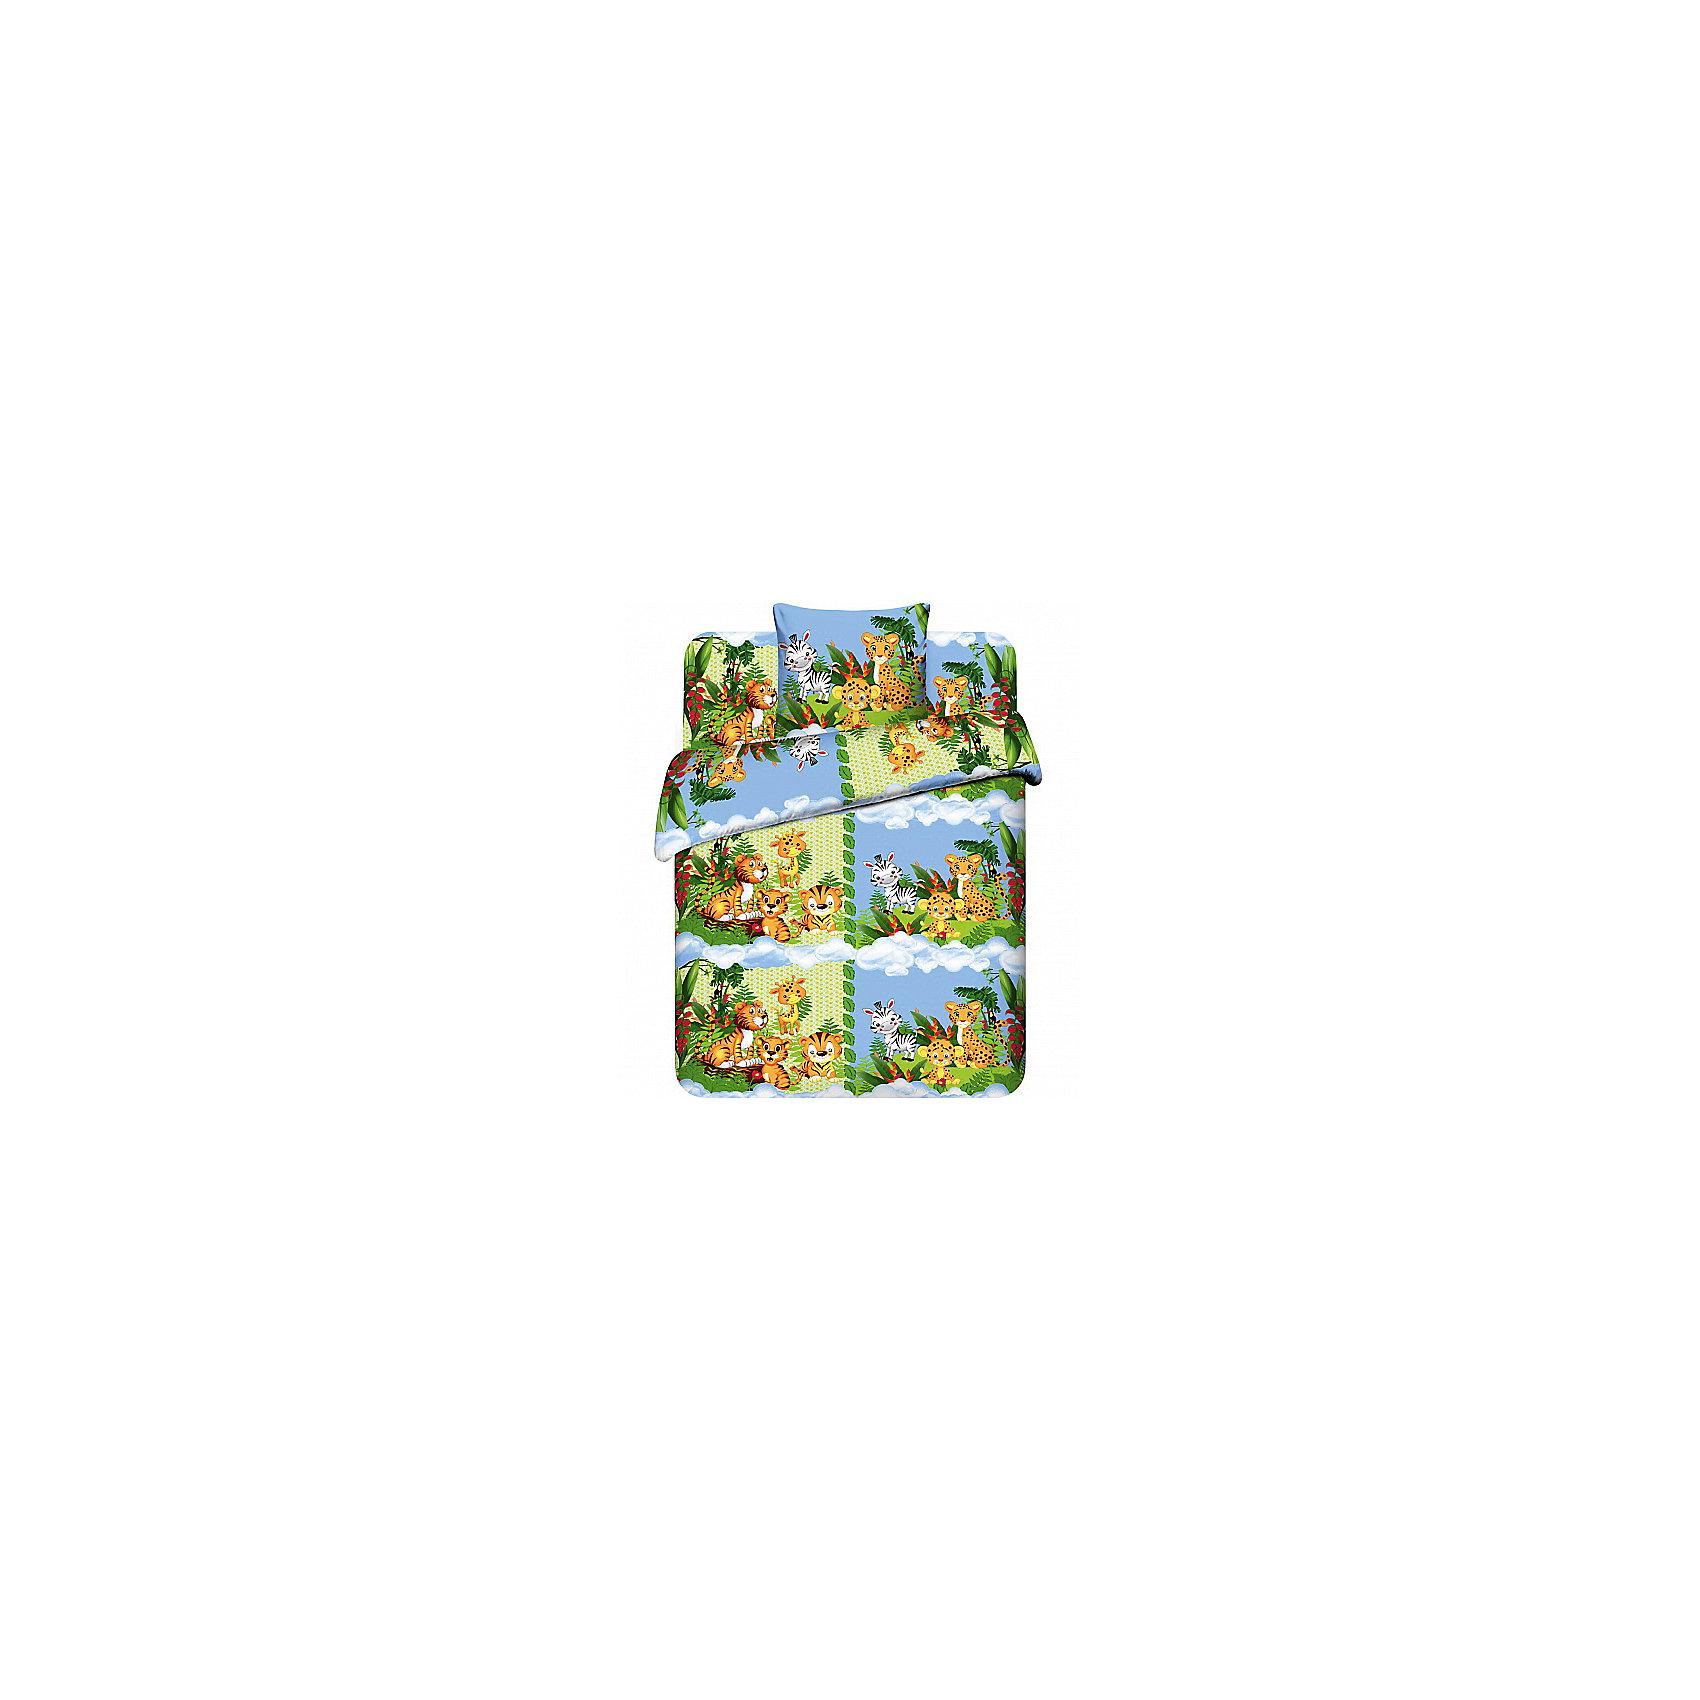 Детский комплект Джунгли зовут, ВасилёкДетский комплект Джунгли зовут, Василёк - это яркое постельное белье создаст атмосферу уюта в детской комнате.<br>С детским комплектом пастельного белья Джунгли зовут Ваш малыш с удовольствием будет укладываться в свою кровать, и видеть чудесные сказочные сны. Яркое и красочное постельное белье, на котором изображены маленькие обитатели джунглей будет наполнять детскую спальню добрыми и позитивными эмоциями. Постельное белье изготовлено из бязи (100% хлопок). Белье приятное на ощупь, хорошо пропускает воздух. Устойчивые гипоаллергенные красители безопасны для здоровья ребенка. Белье легко стирается, гладится, сохраняет цвет и прочность даже после многочисленных стирок.<br><br>Дополнительная информация:<br><br>- Тип ткани: бязь, плотность 125 г/м2.<br>- Состав: 100% хлопок<br>- В комплекте: 1 наволочка, 1 пододеяльник и 1 простыня<br>- Размер пододеяльника: 147 х 125 см.<br>- Размер наволочки: 40 х 60 см.<br>- Размер простыни: 150 х 120 см.<br>- Размер упаковки: 30 х 5 х 30 см.<br>- Вес: 1,3 кг.<br><br>Детский комплект Джунгли зовут, Василёк можно купить в нашем интернет-магазине.<br><br>Ширина мм: 300<br>Глубина мм: 50<br>Высота мм: 300<br>Вес г: 1300<br>Возраст от месяцев: 0<br>Возраст до месяцев: 72<br>Пол: Унисекс<br>Возраст: Детский<br>SKU: 4143472